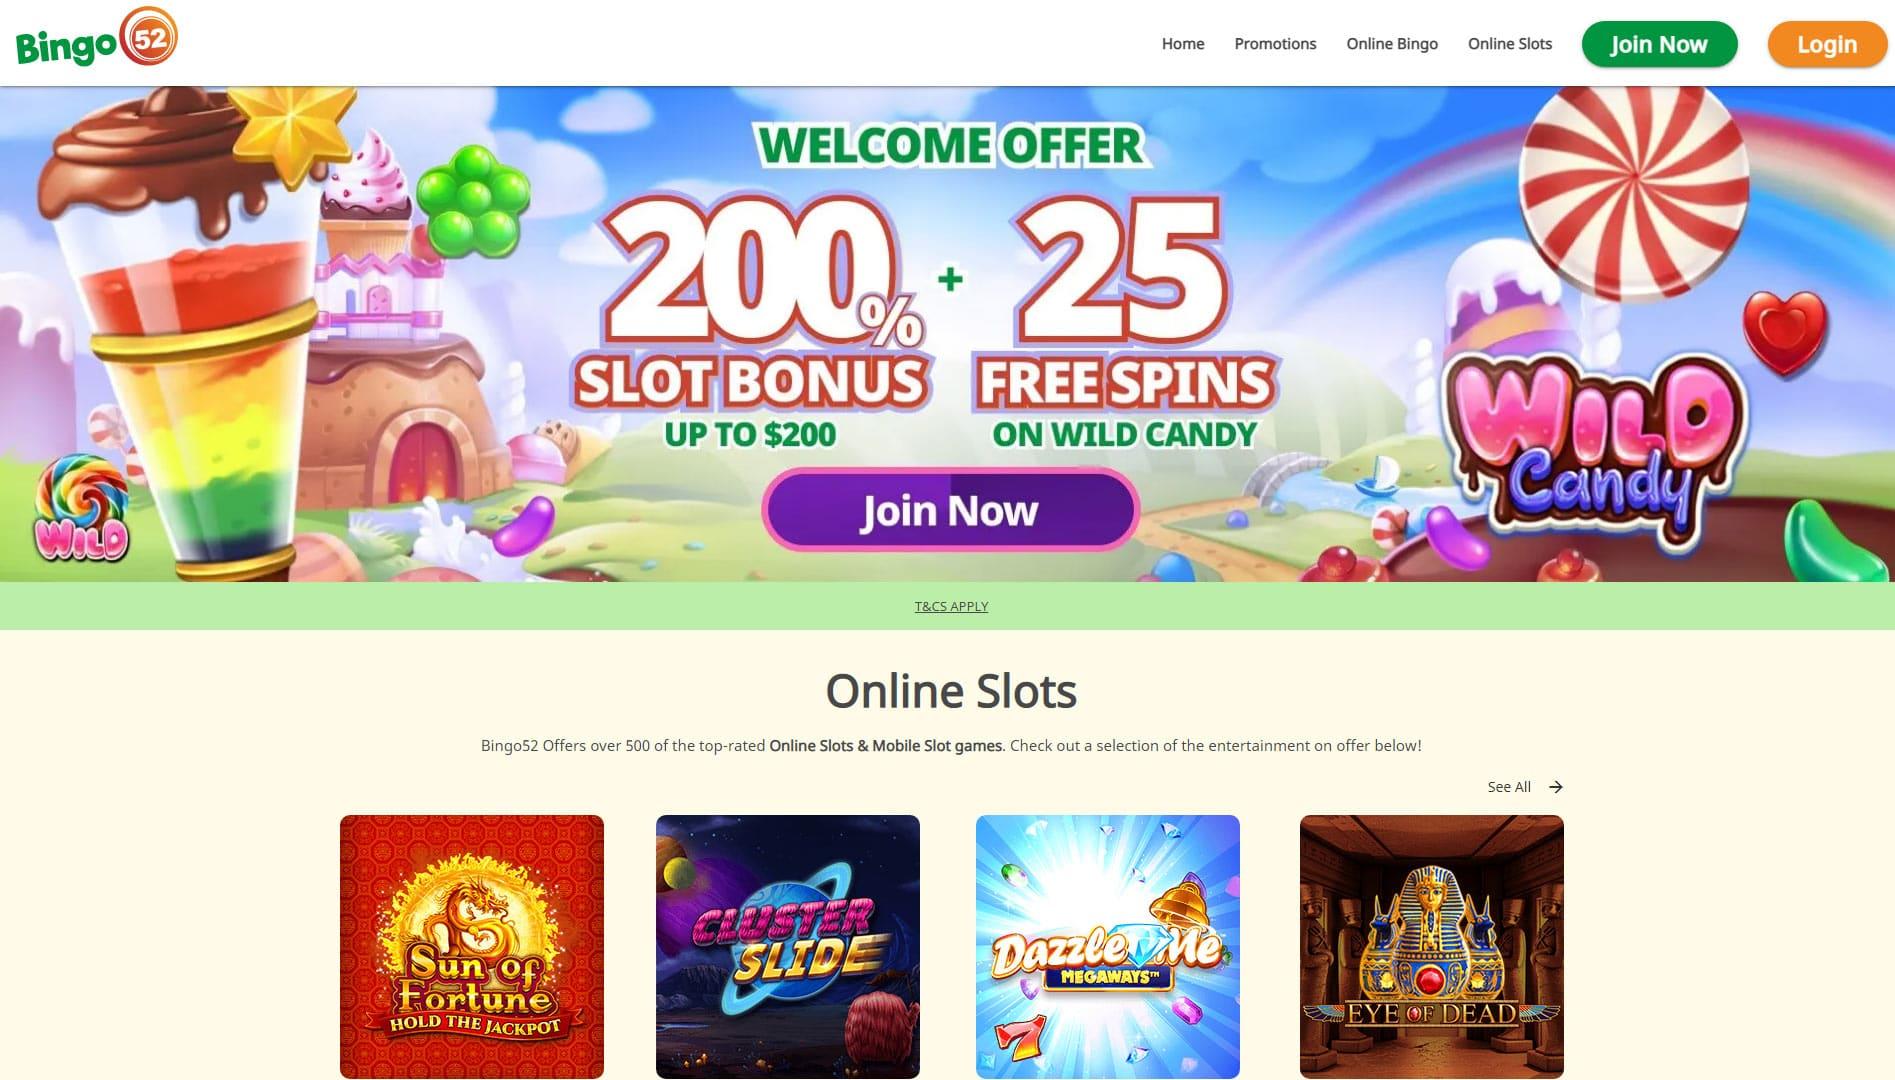 Bingo 52 website